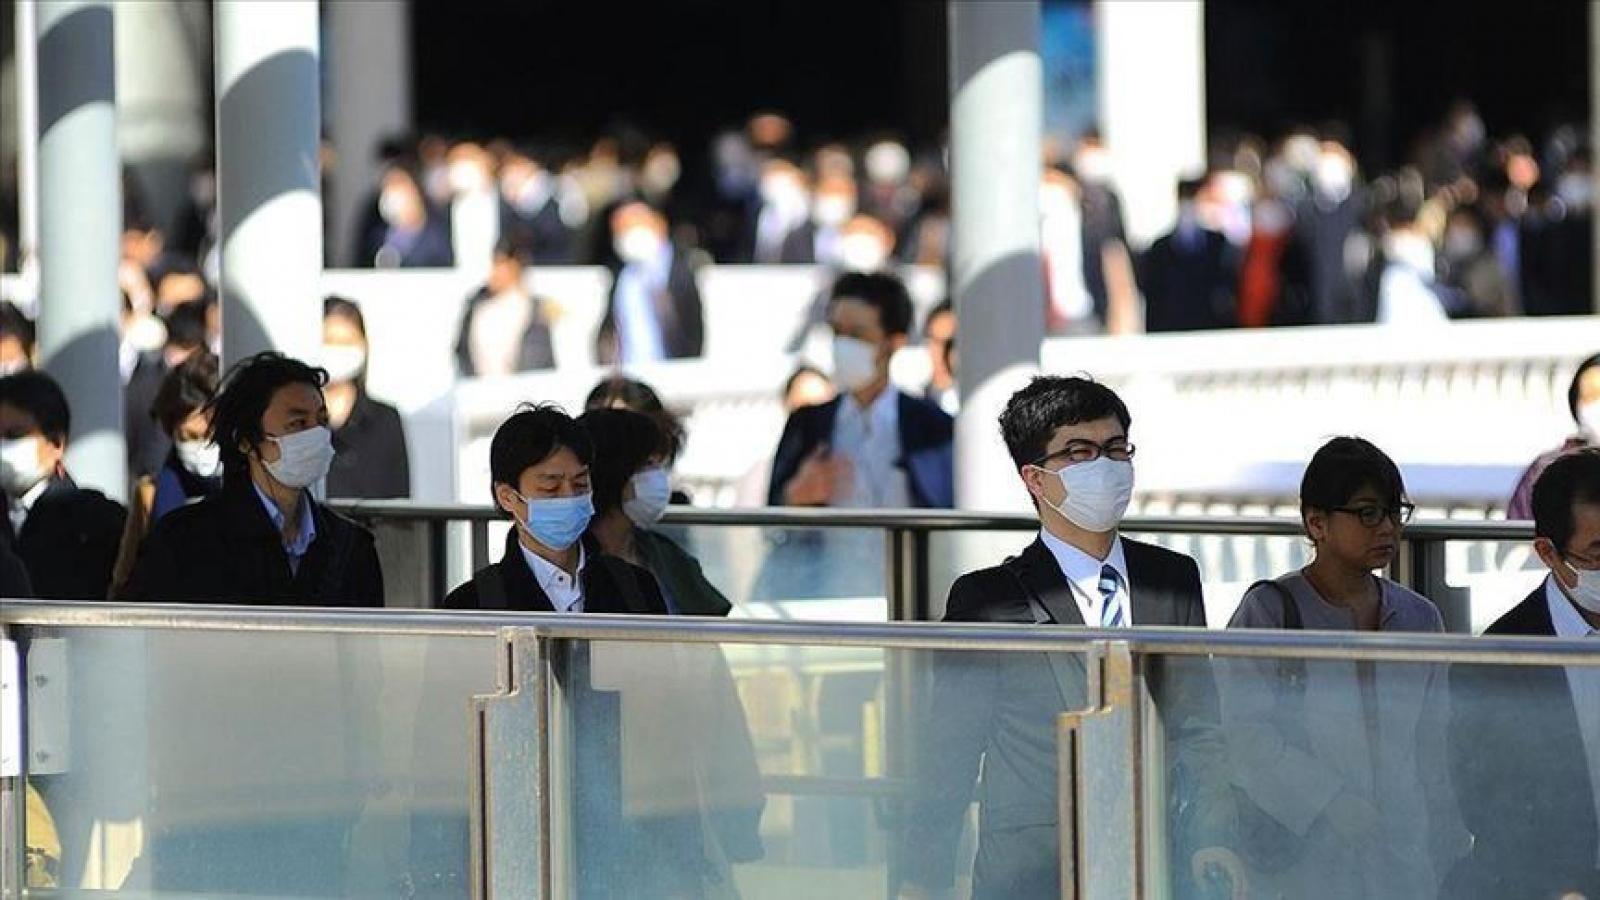 Nhật Bản ghi nhận các trường hợp tử vong đầu tiên do biến thể của SARS-CoV-2